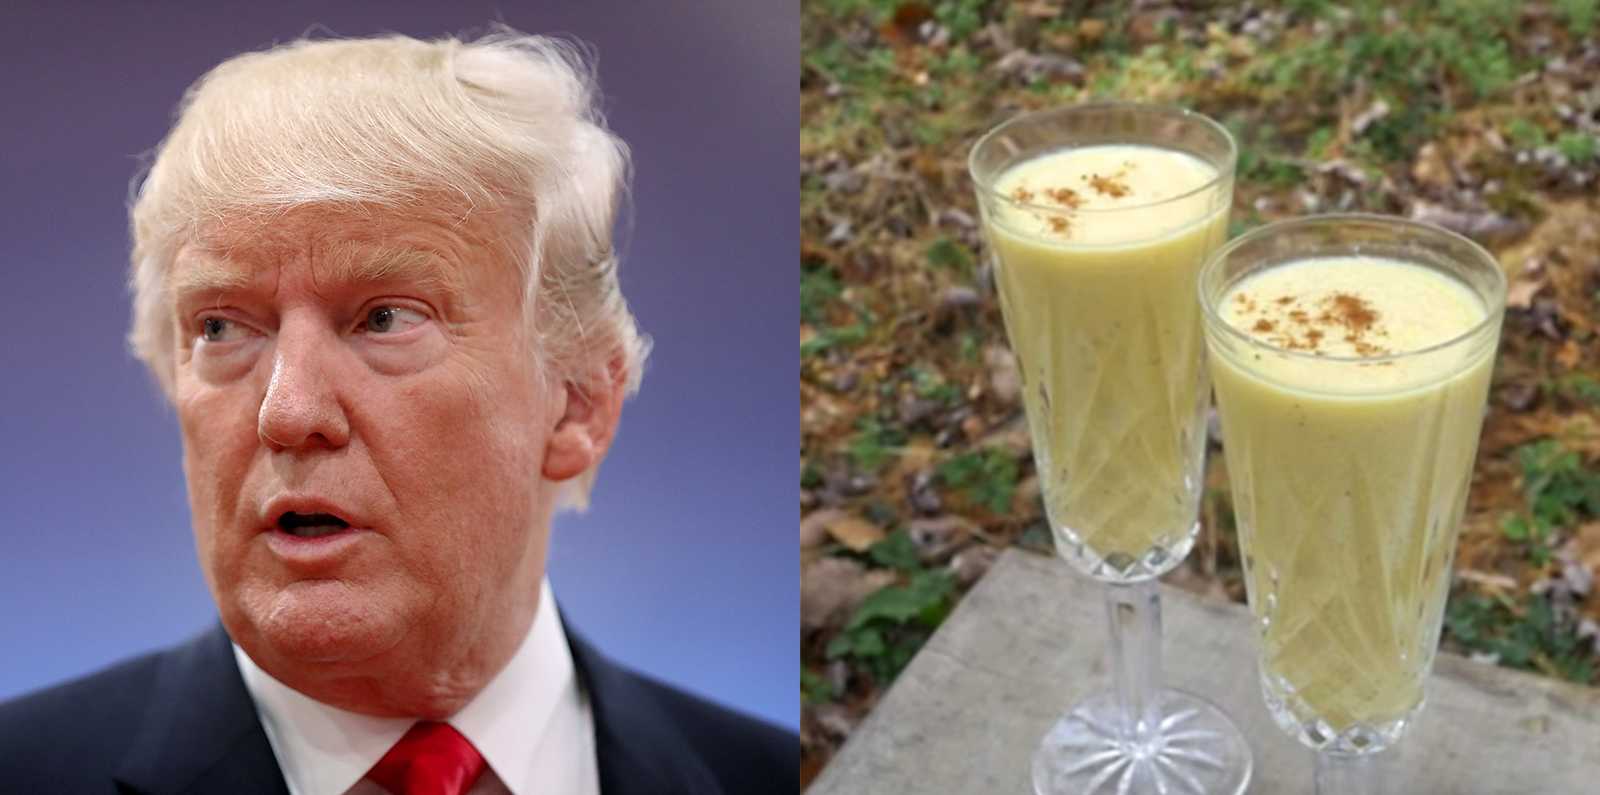 Donald's Main Problem: He's a Fool - LA Progressive |The Fool Trump